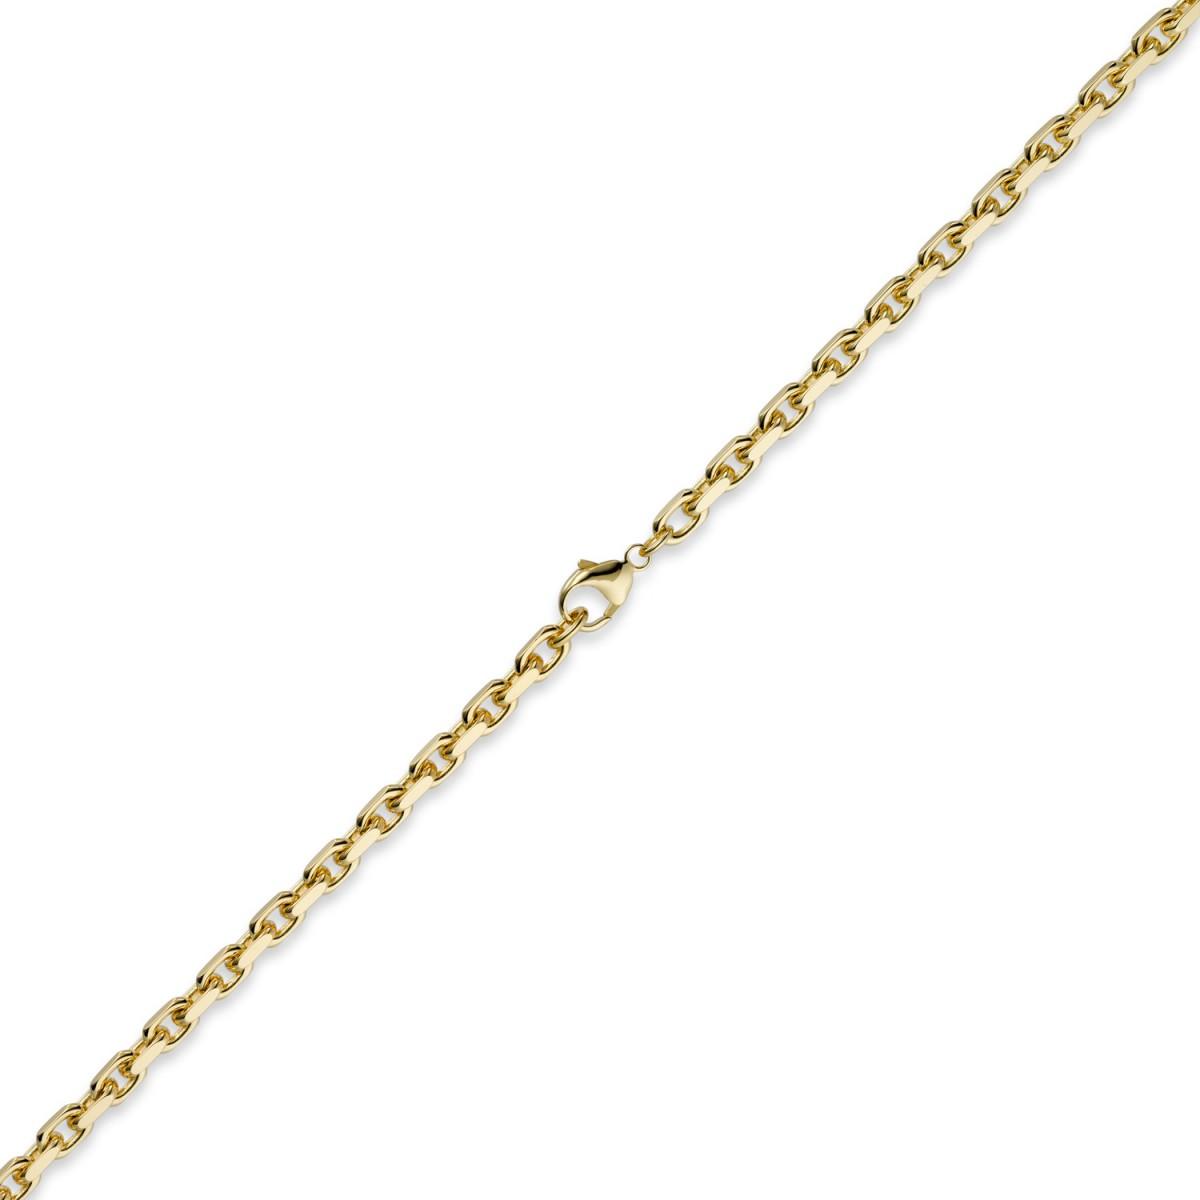 5mm kette collier ankerkette aus 585 gold gelbgold 50cm. Black Bedroom Furniture Sets. Home Design Ideas